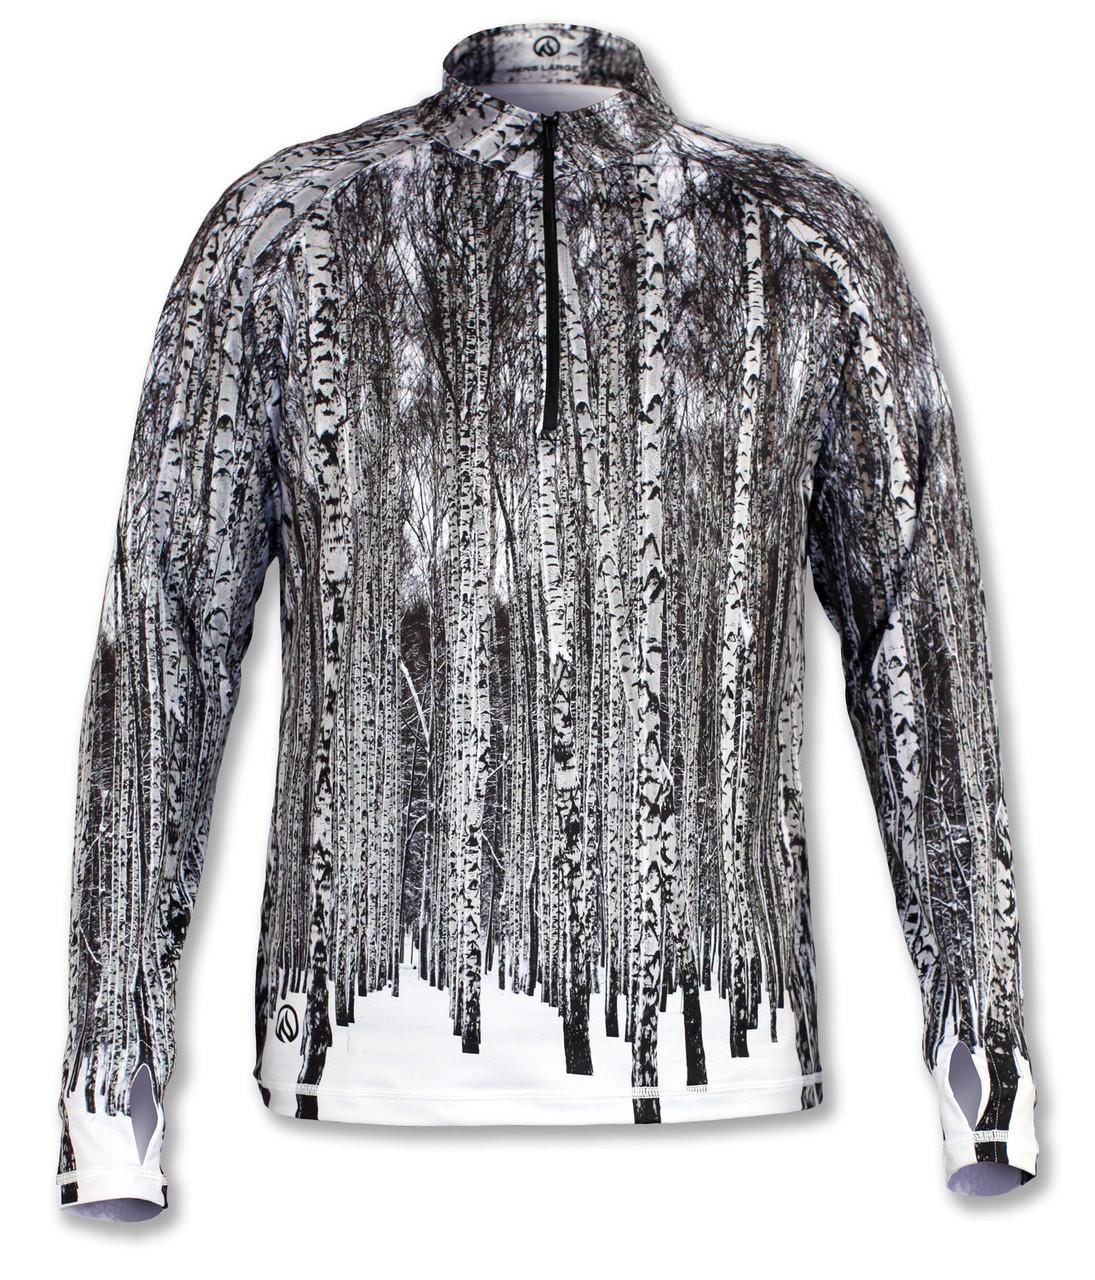 INKnBURN Men's 1/4 Zip Pullover with Thumbholes Front